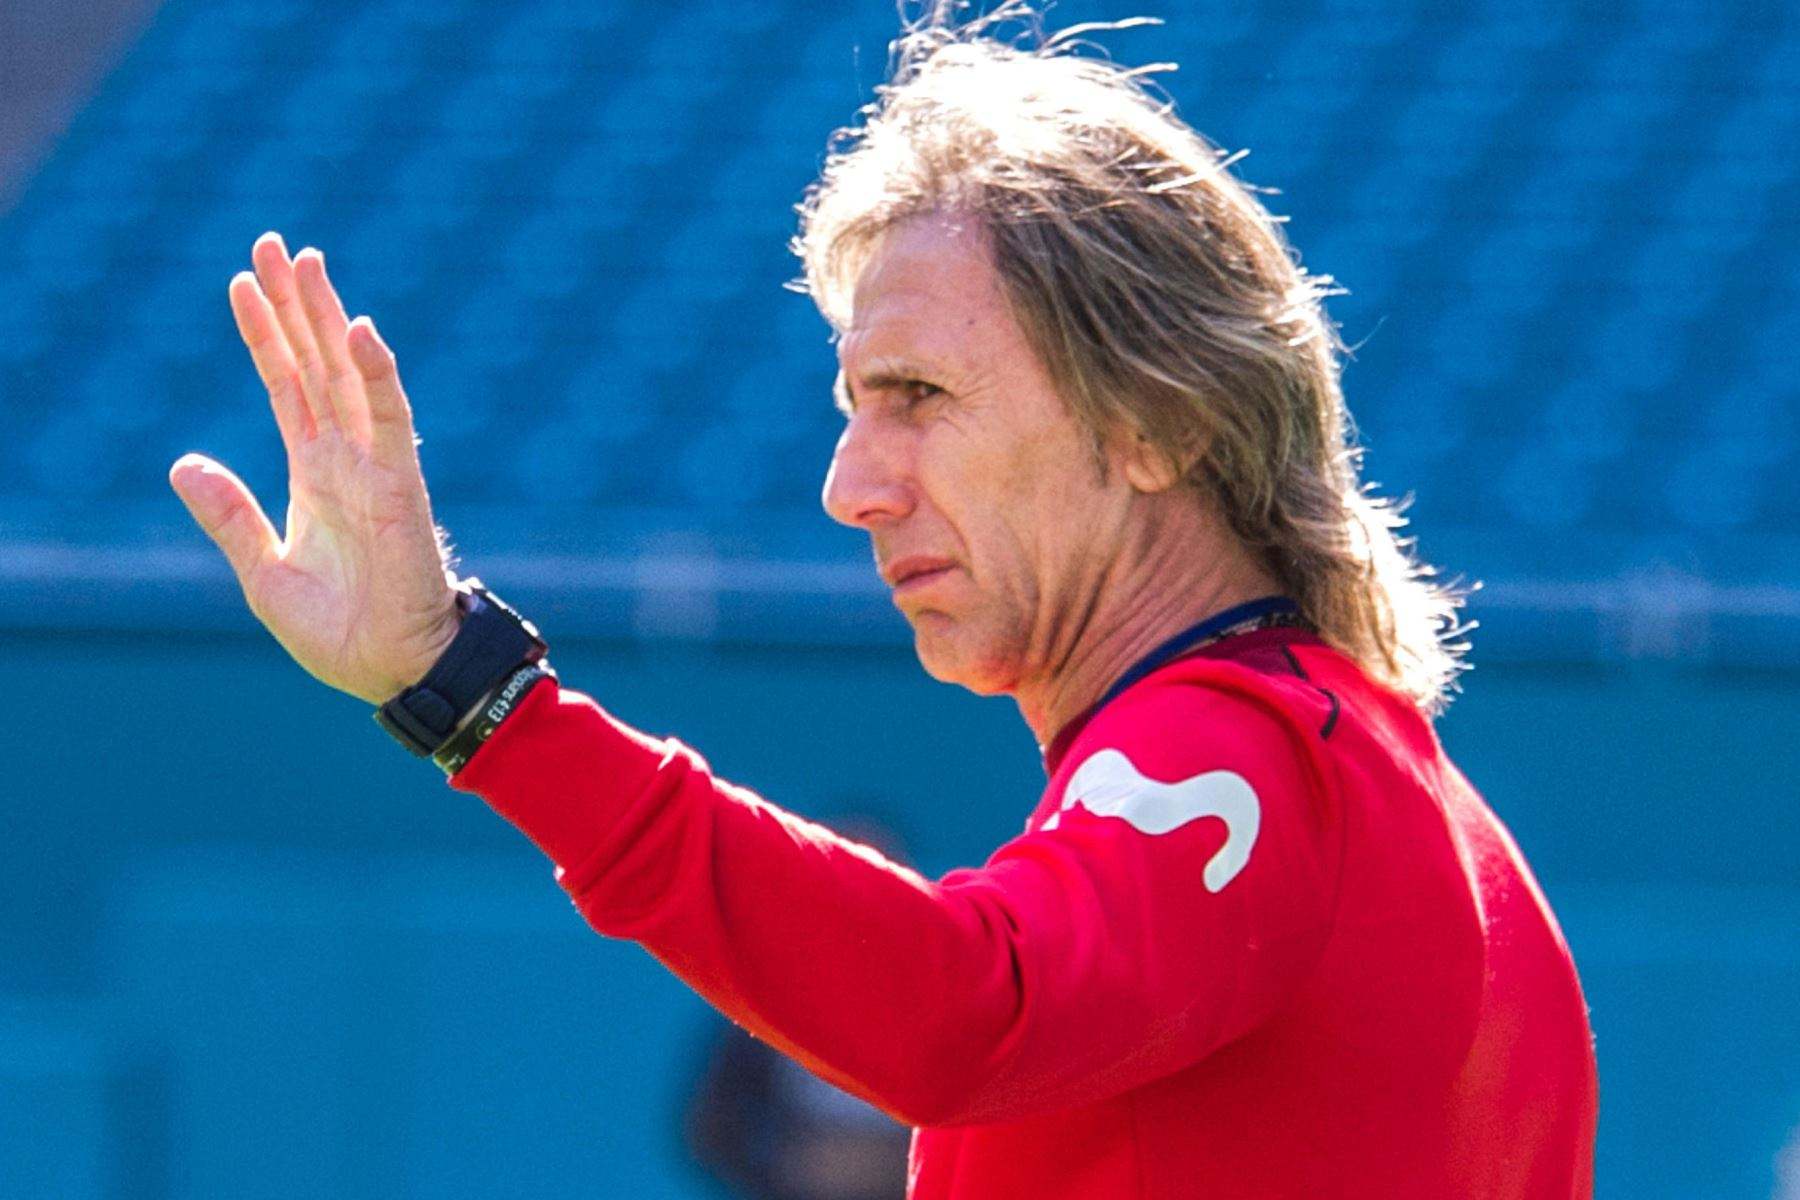 El director técnico de Perú, Ricardo Gareca, participa en el entrenamiento, de la selección, en el estadio Hard Rock de Miami. Foto:EFE